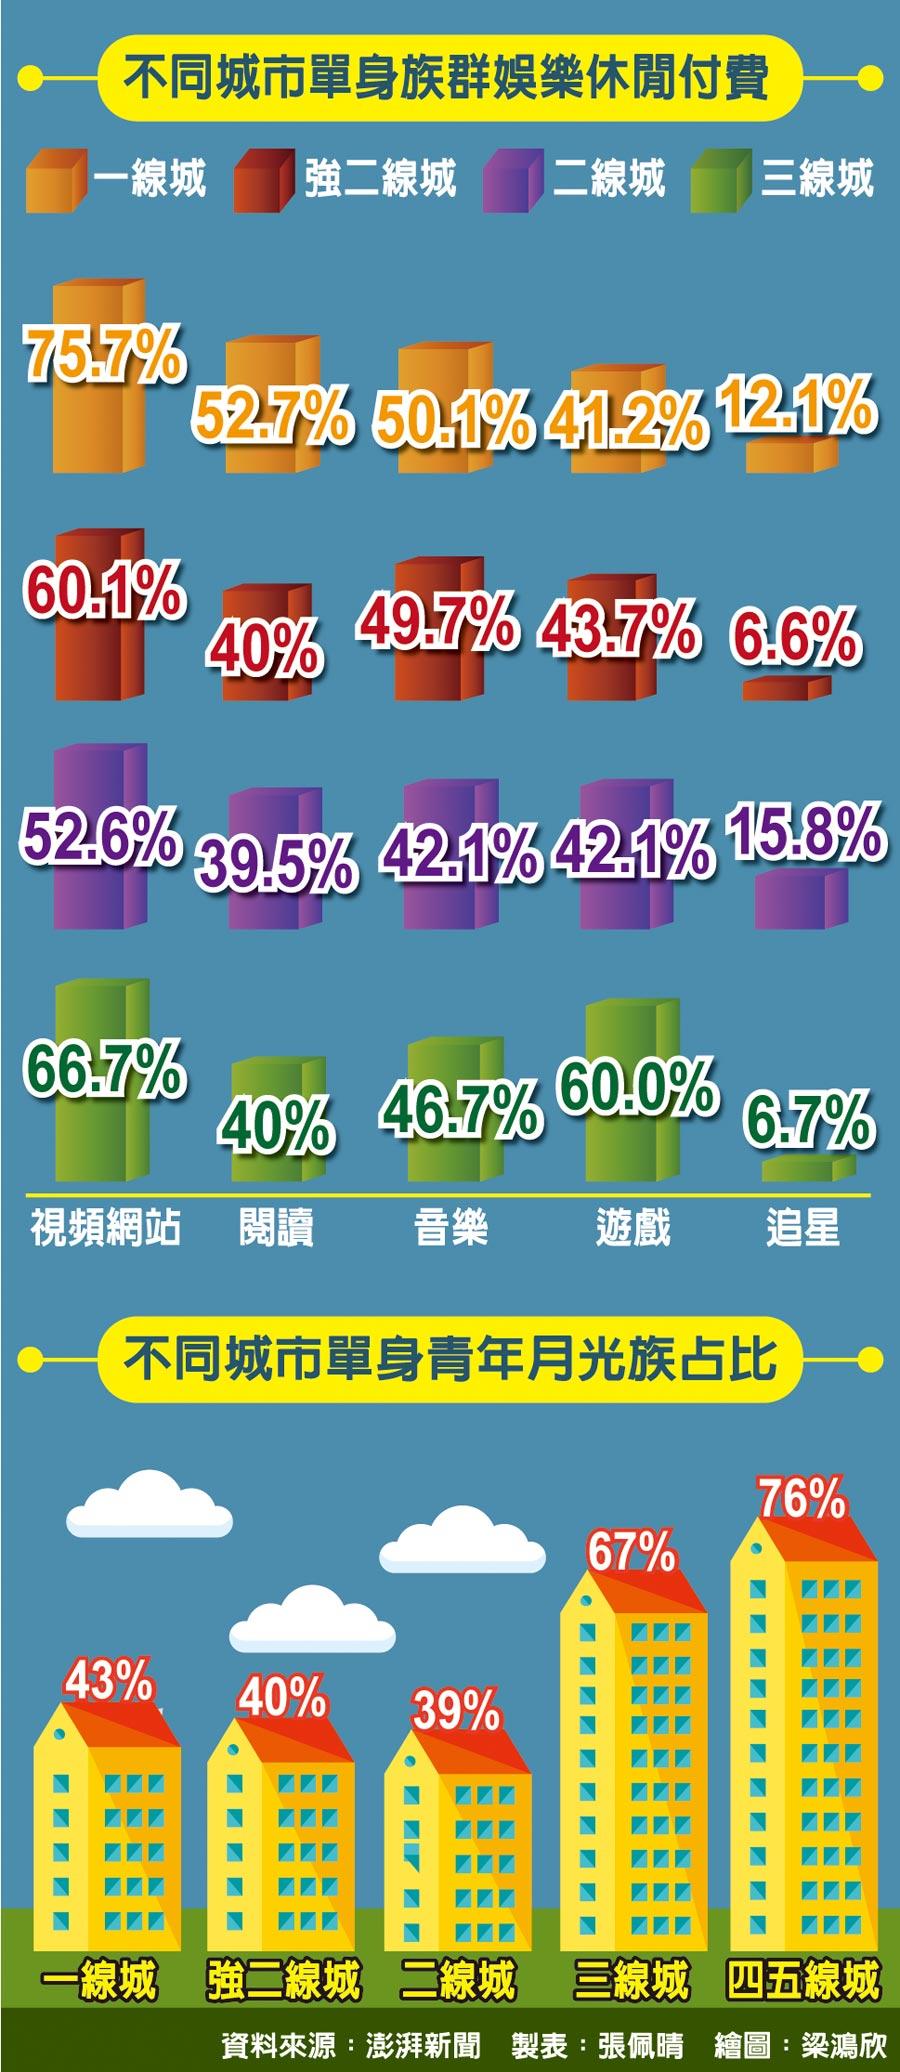 不同城市單身族群娛樂休閒付費、不同城市單身青年月光族占比